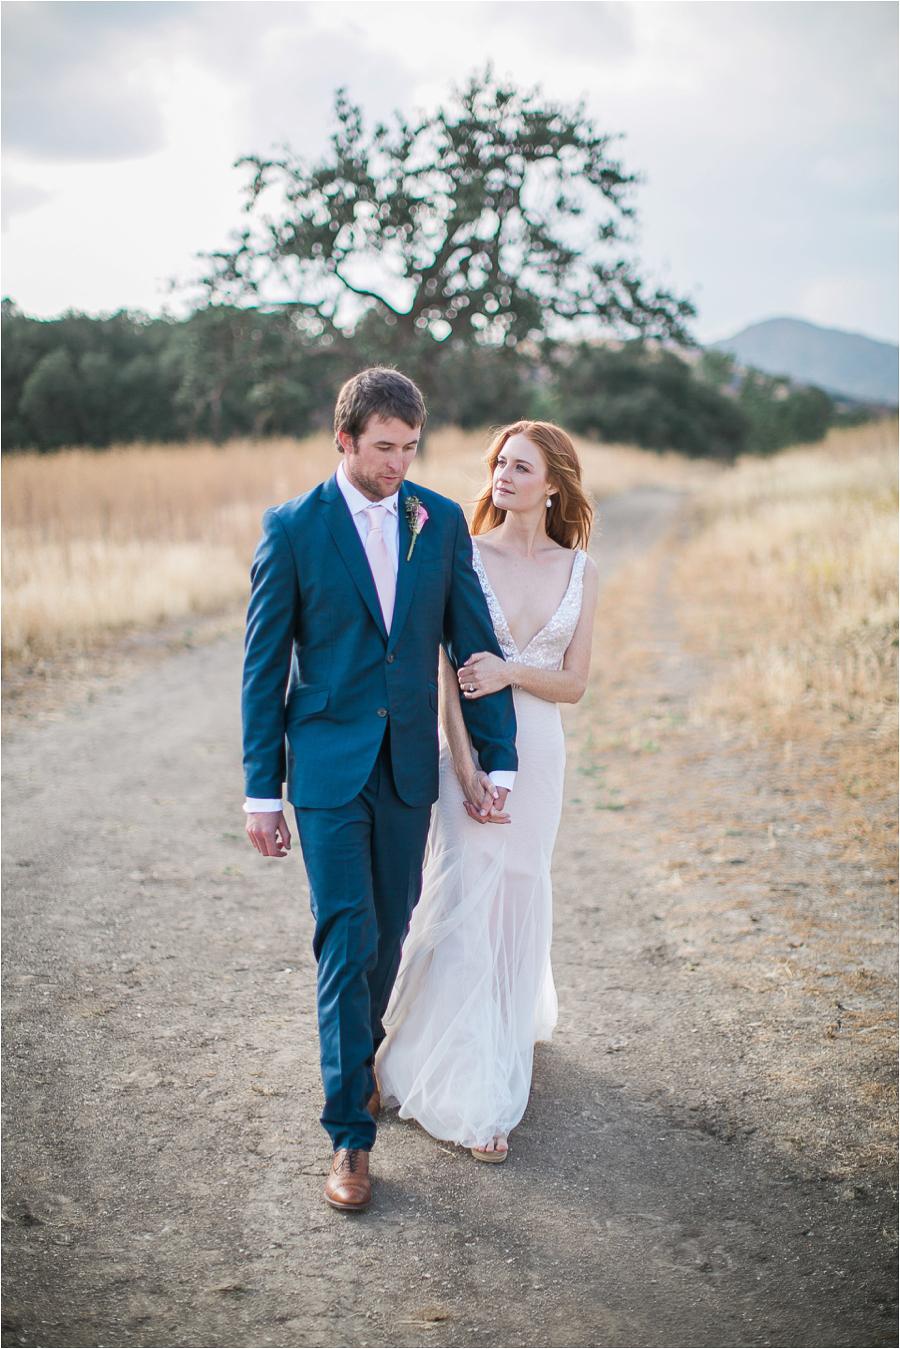 Calabasas Wedding Photographer_Taylor Kinzie Photography-26